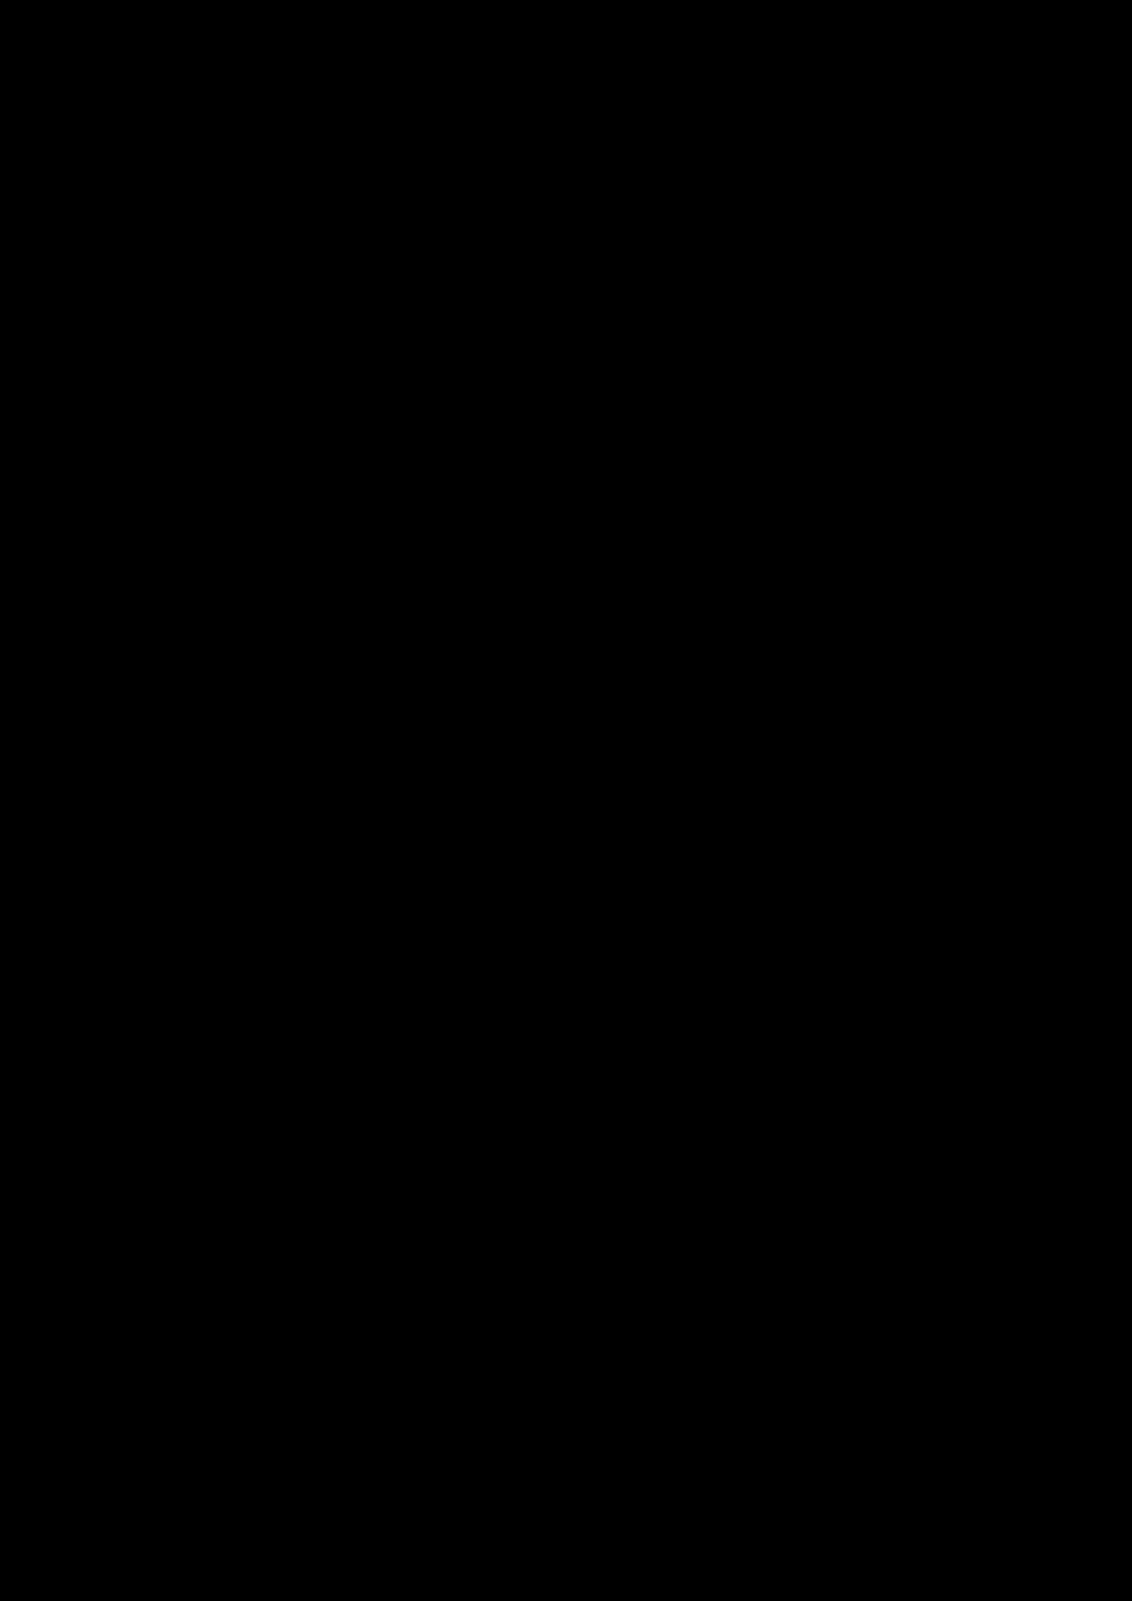 Zagadka volshebnoy stranyi slide, Image 50